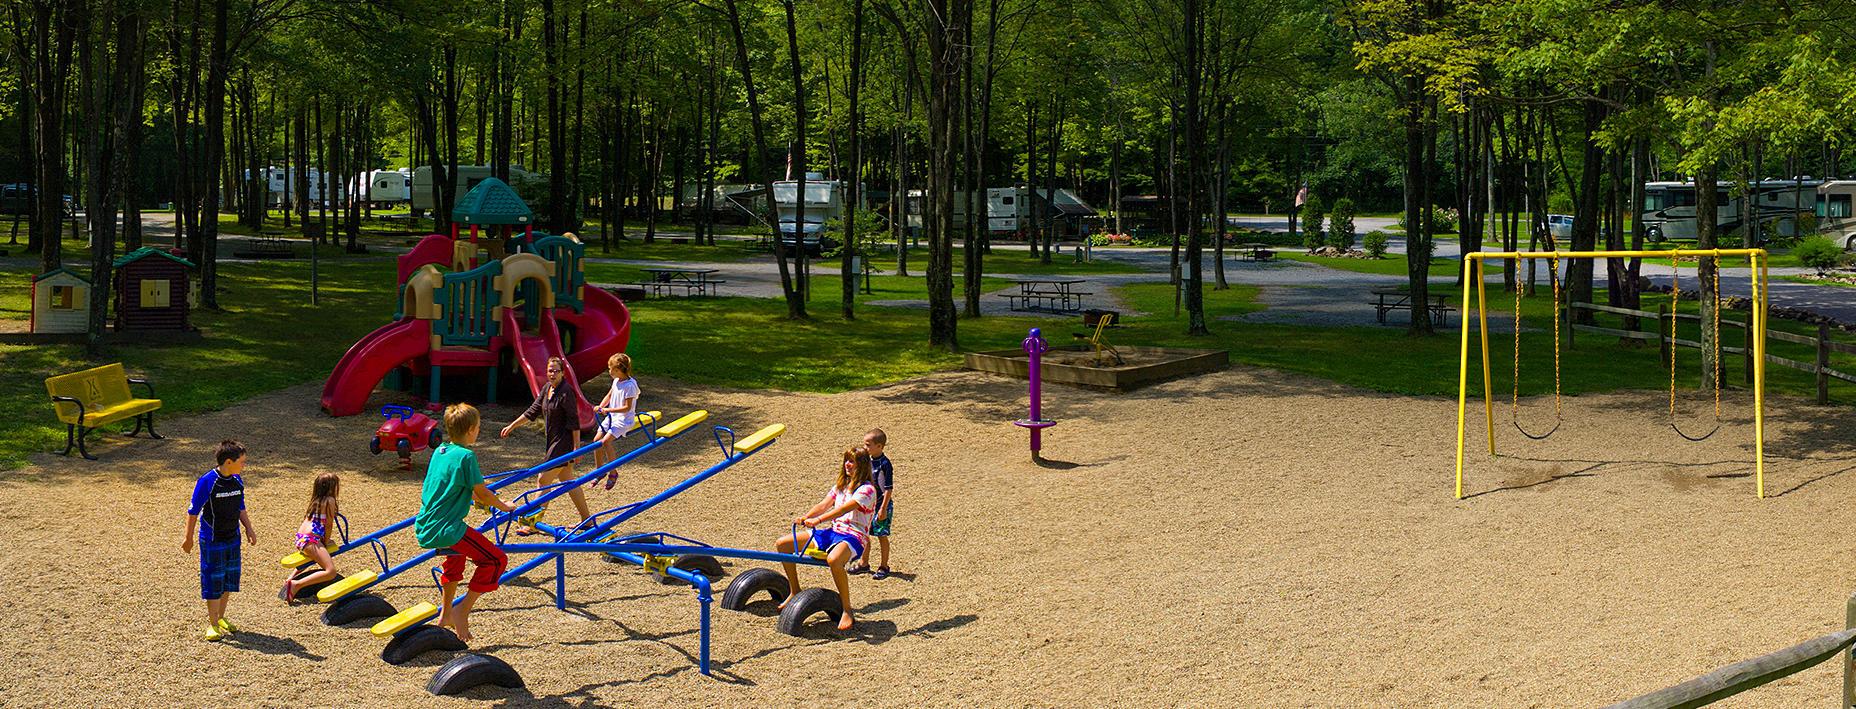 Mercer / Grove City KOA Holiday image 22